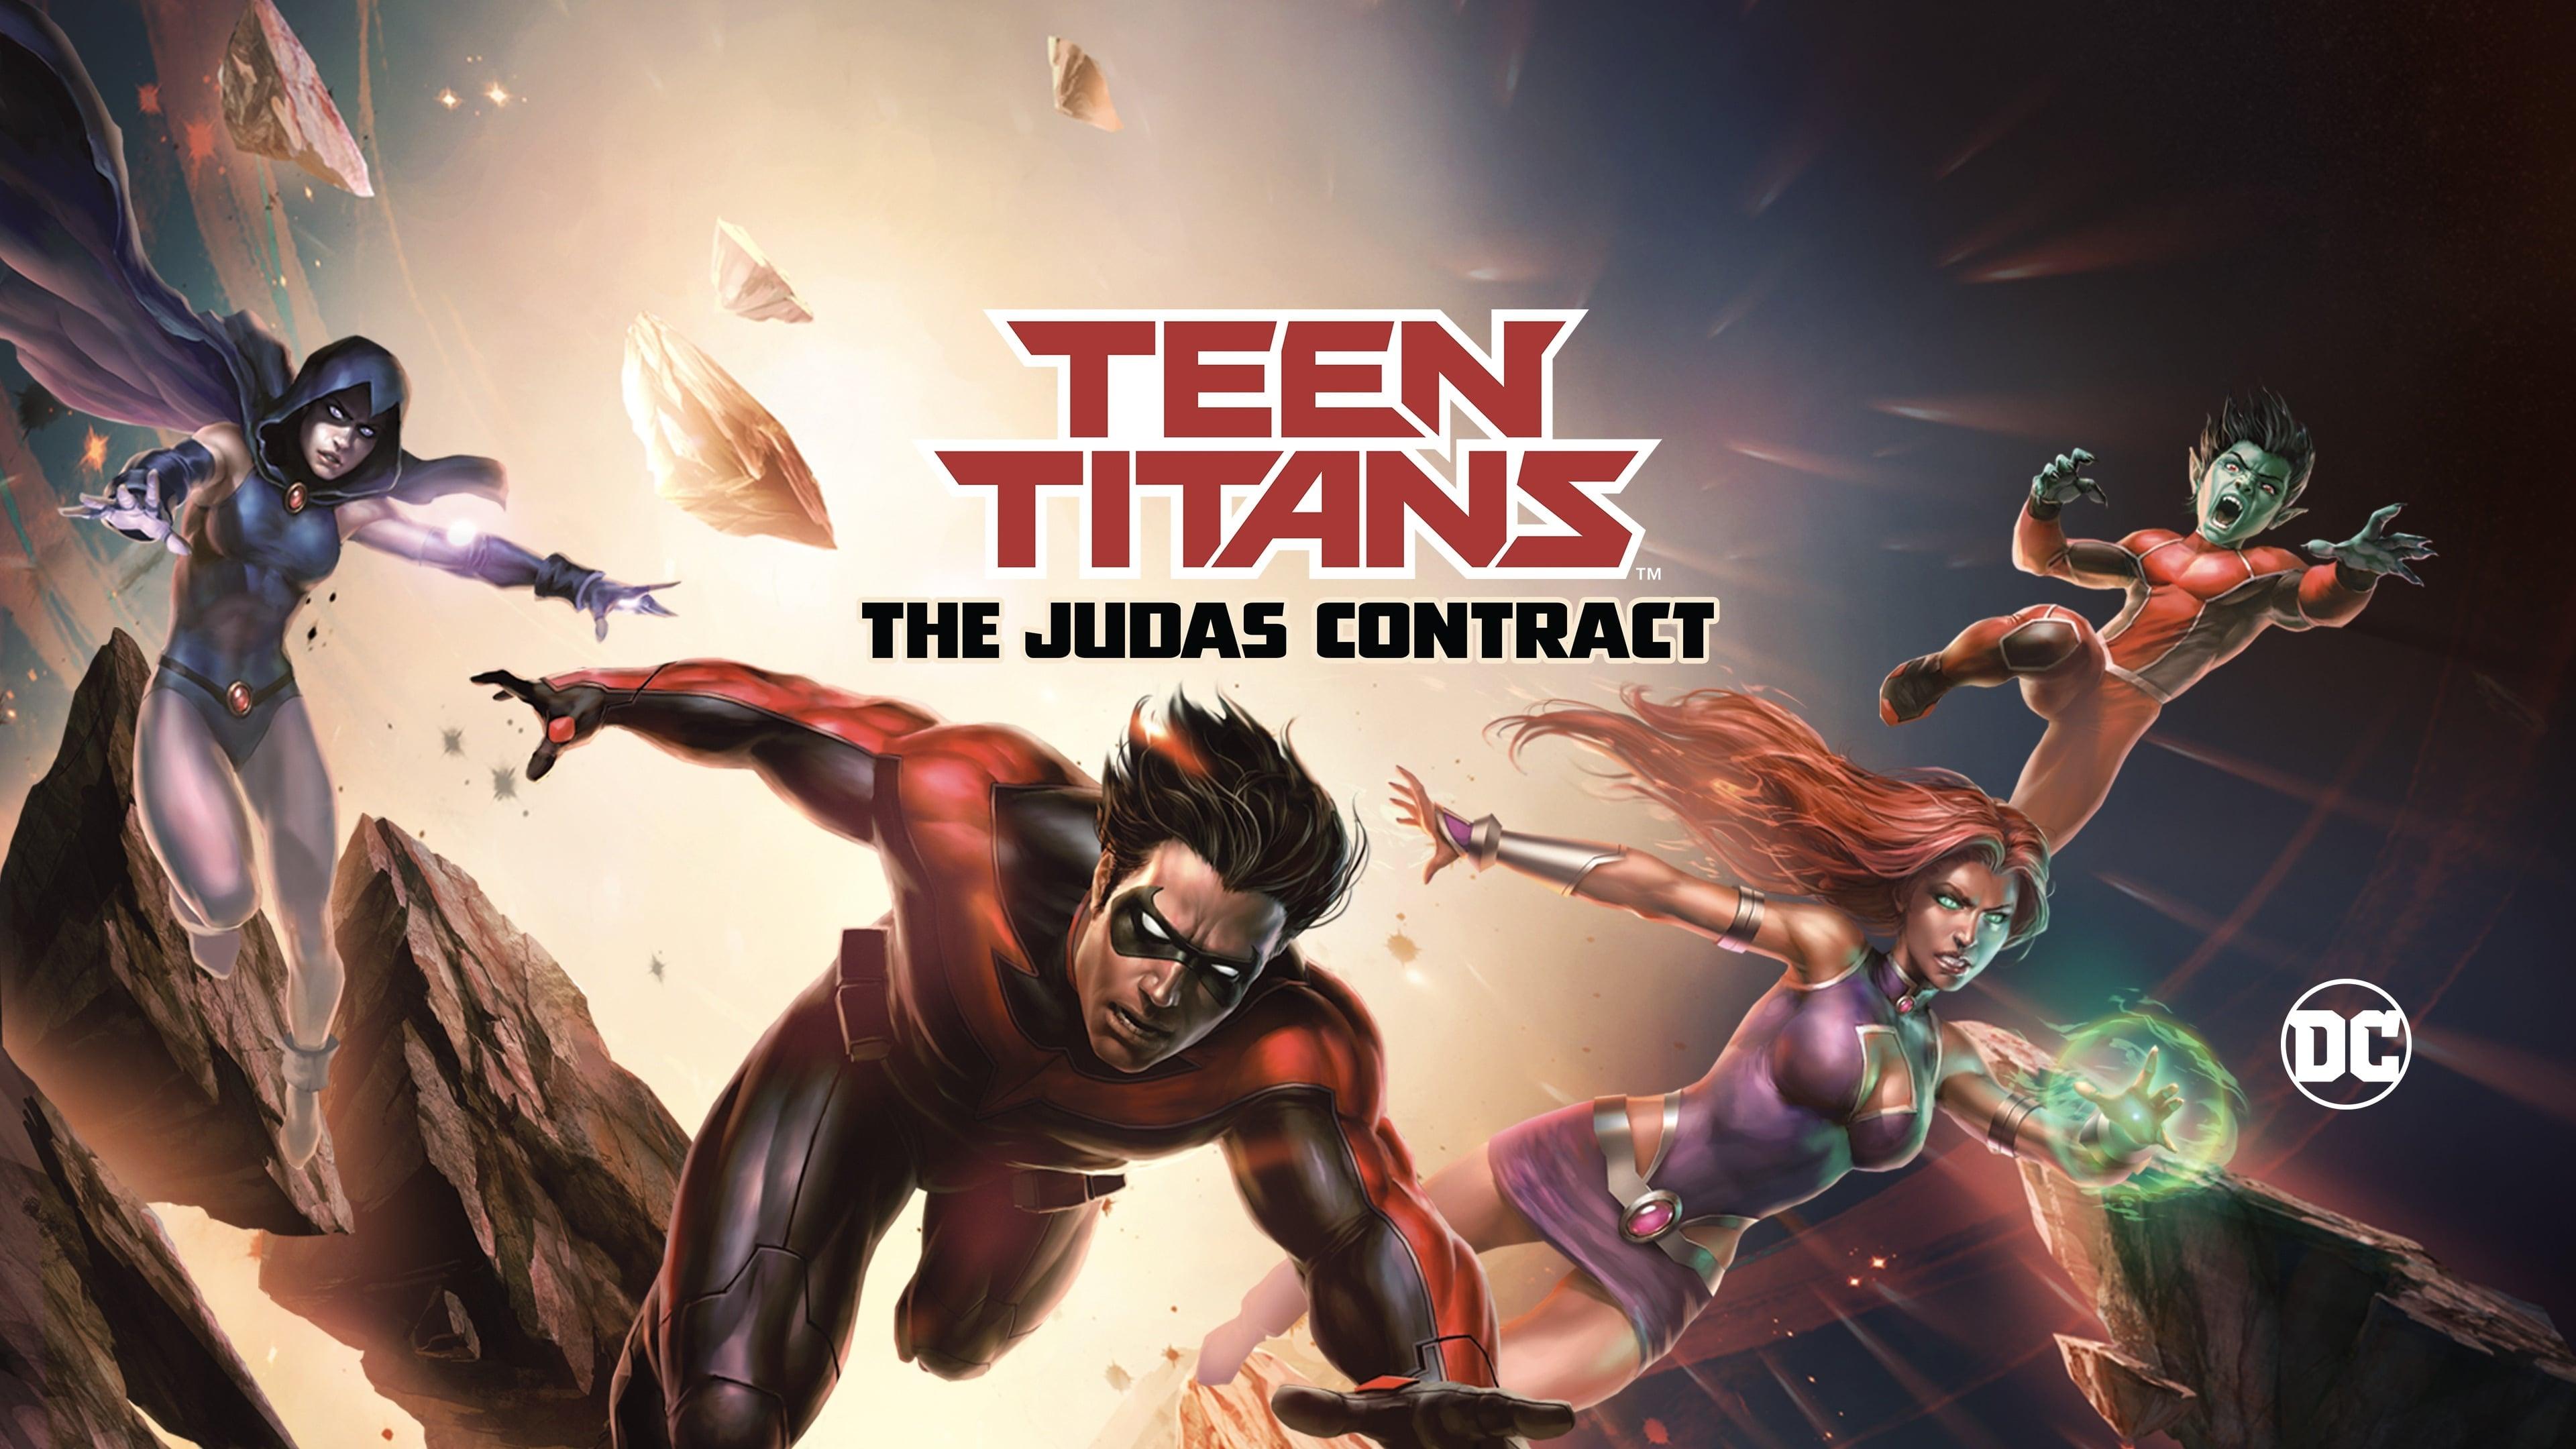 Los Jóvenes Titanes: El Contrato de Judas